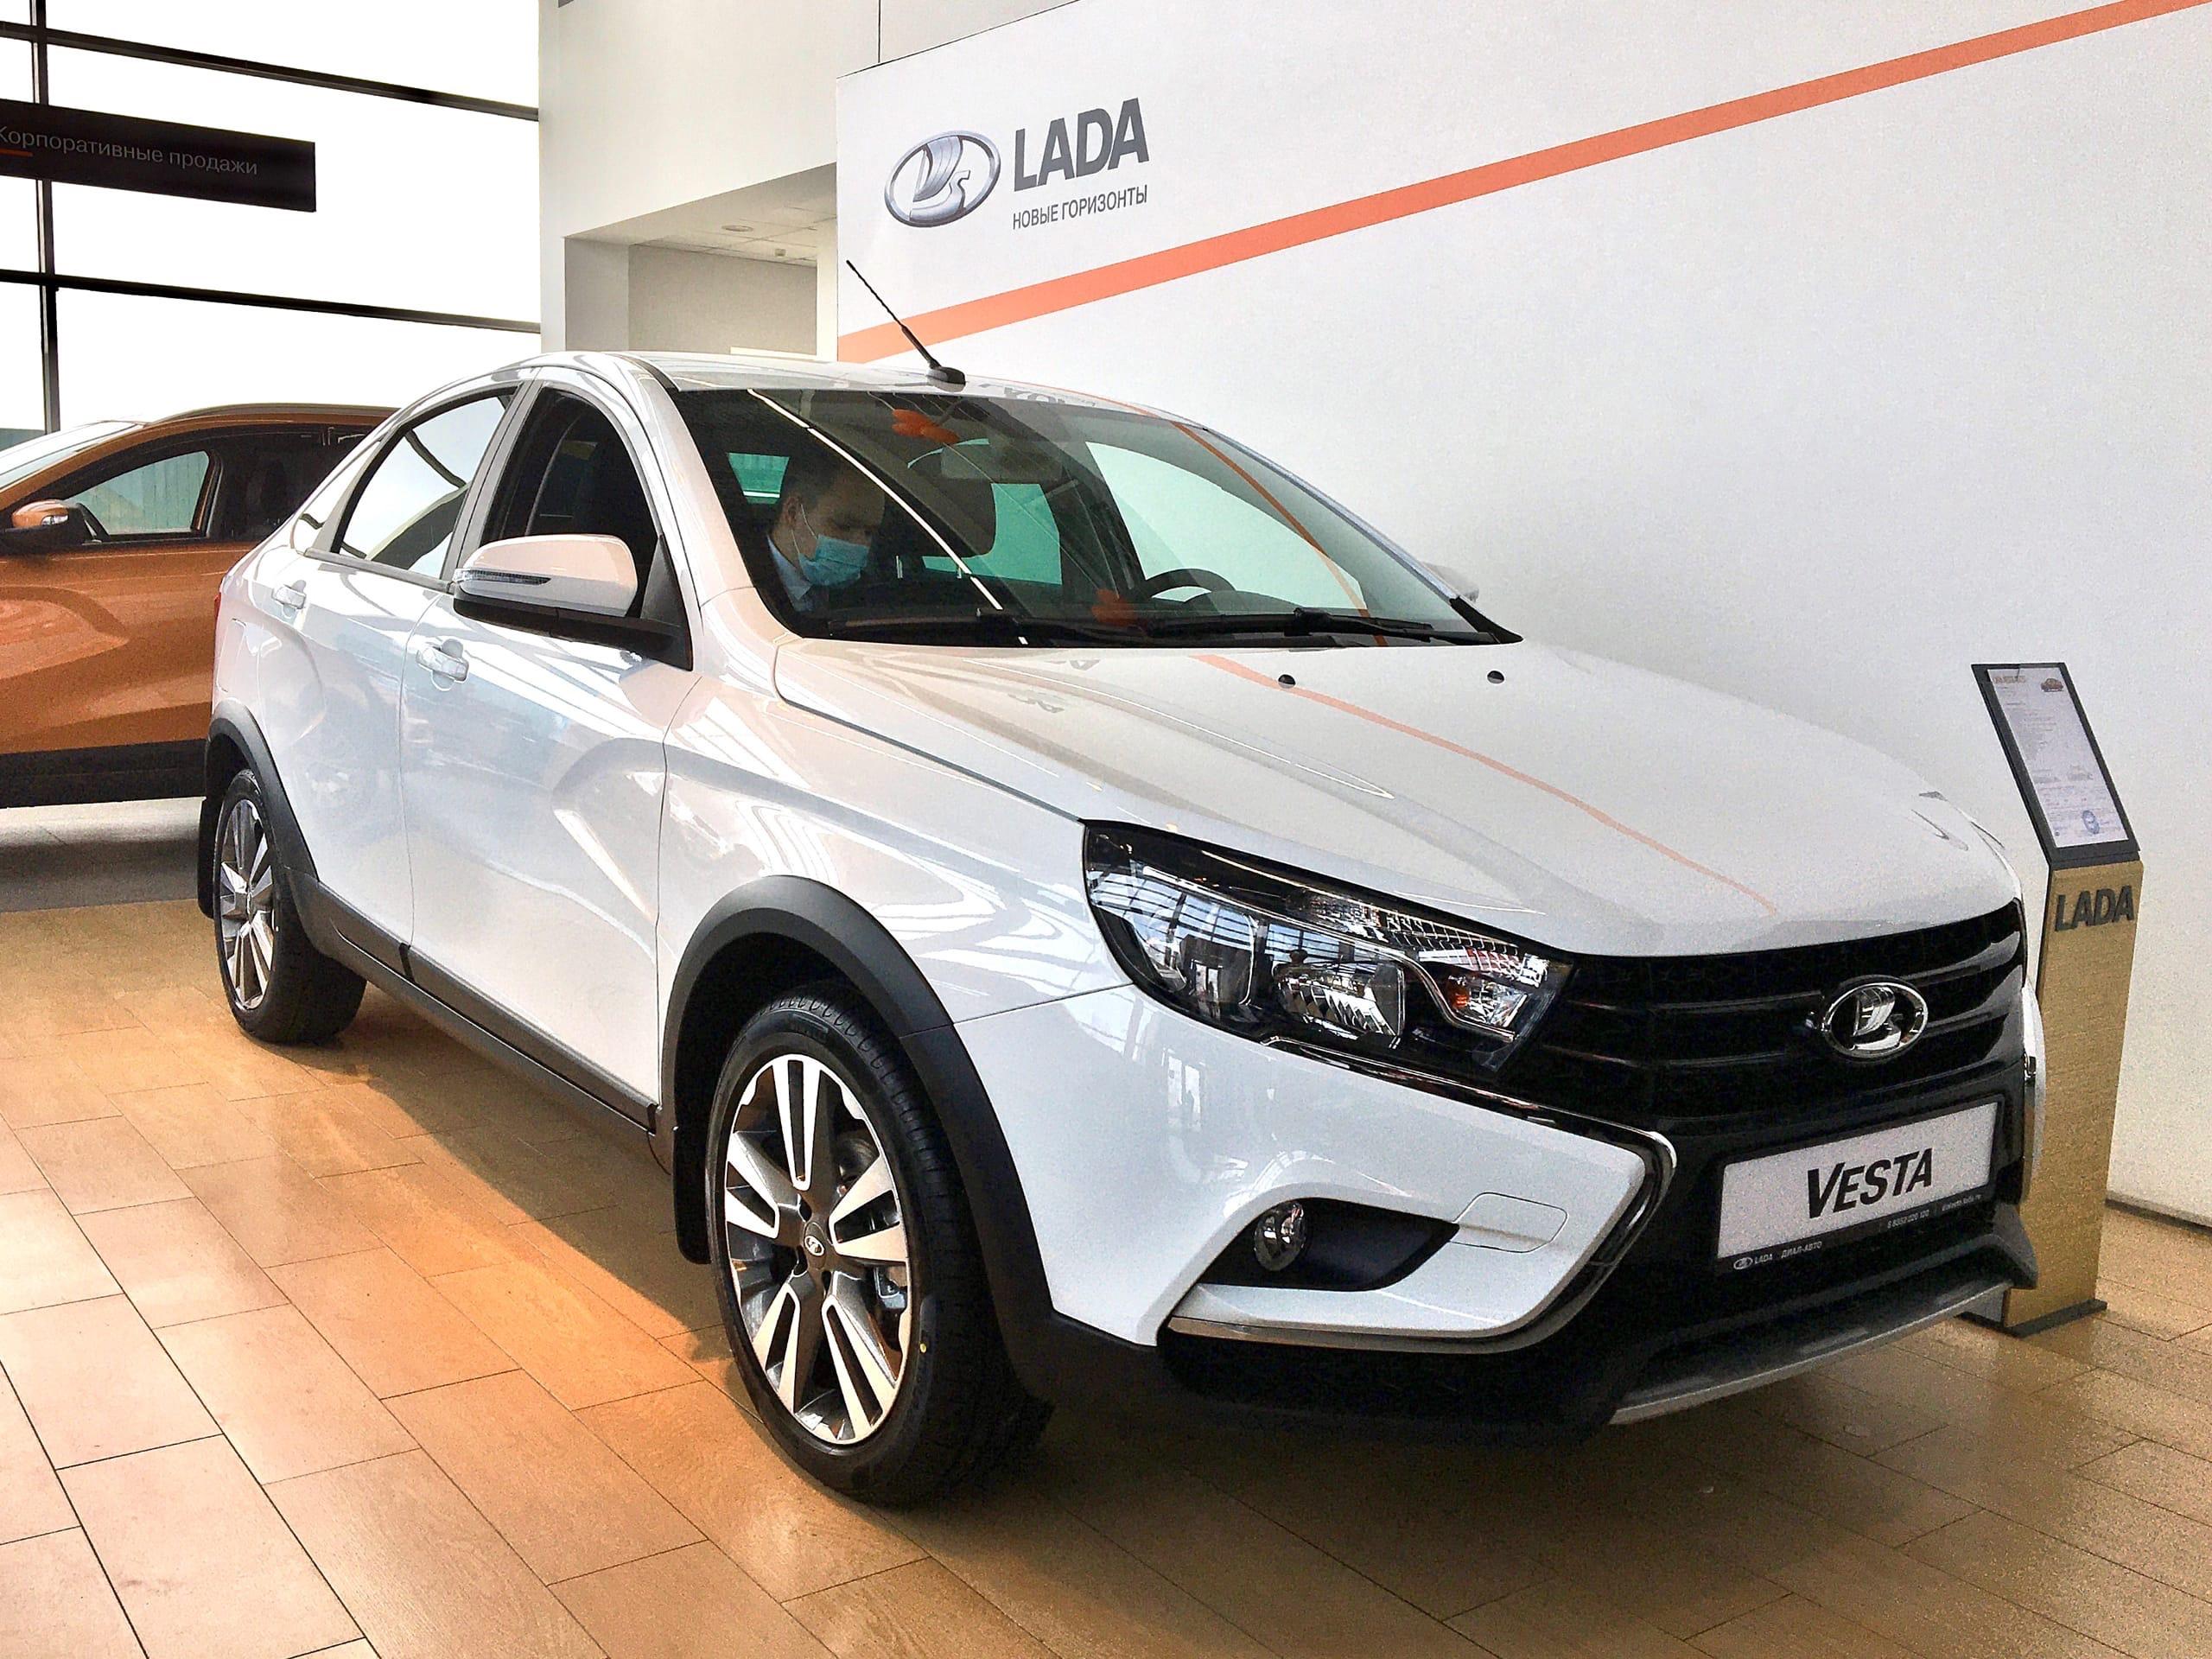 Cтарт продаж автомобилей LADA с новой мультимедийной системой LADA EnjoY Pro